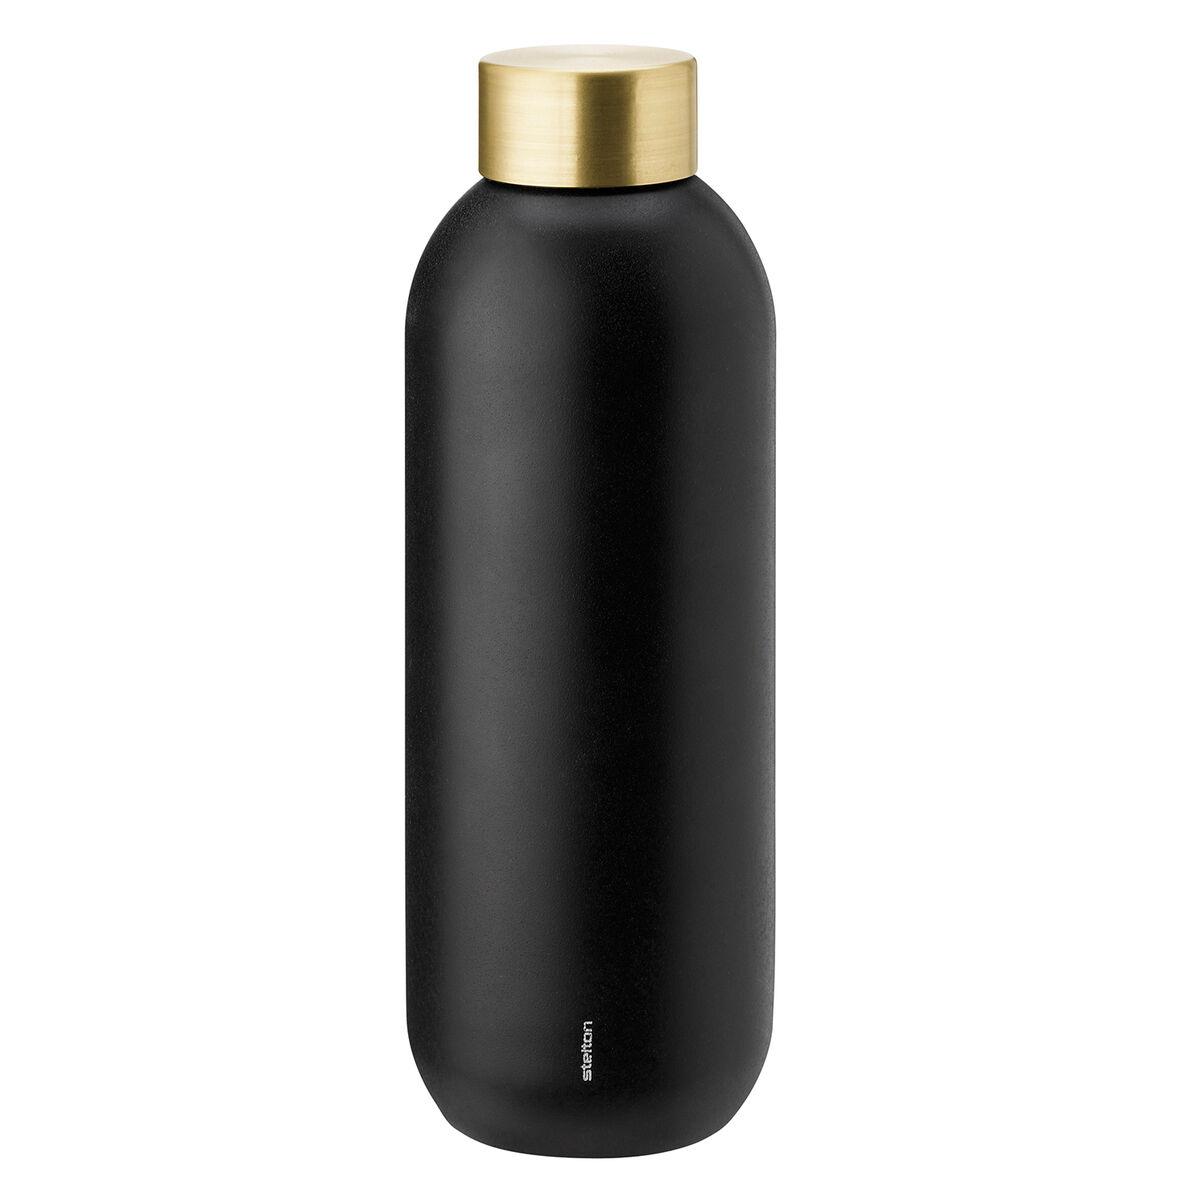 Stelton Collar juomapullo